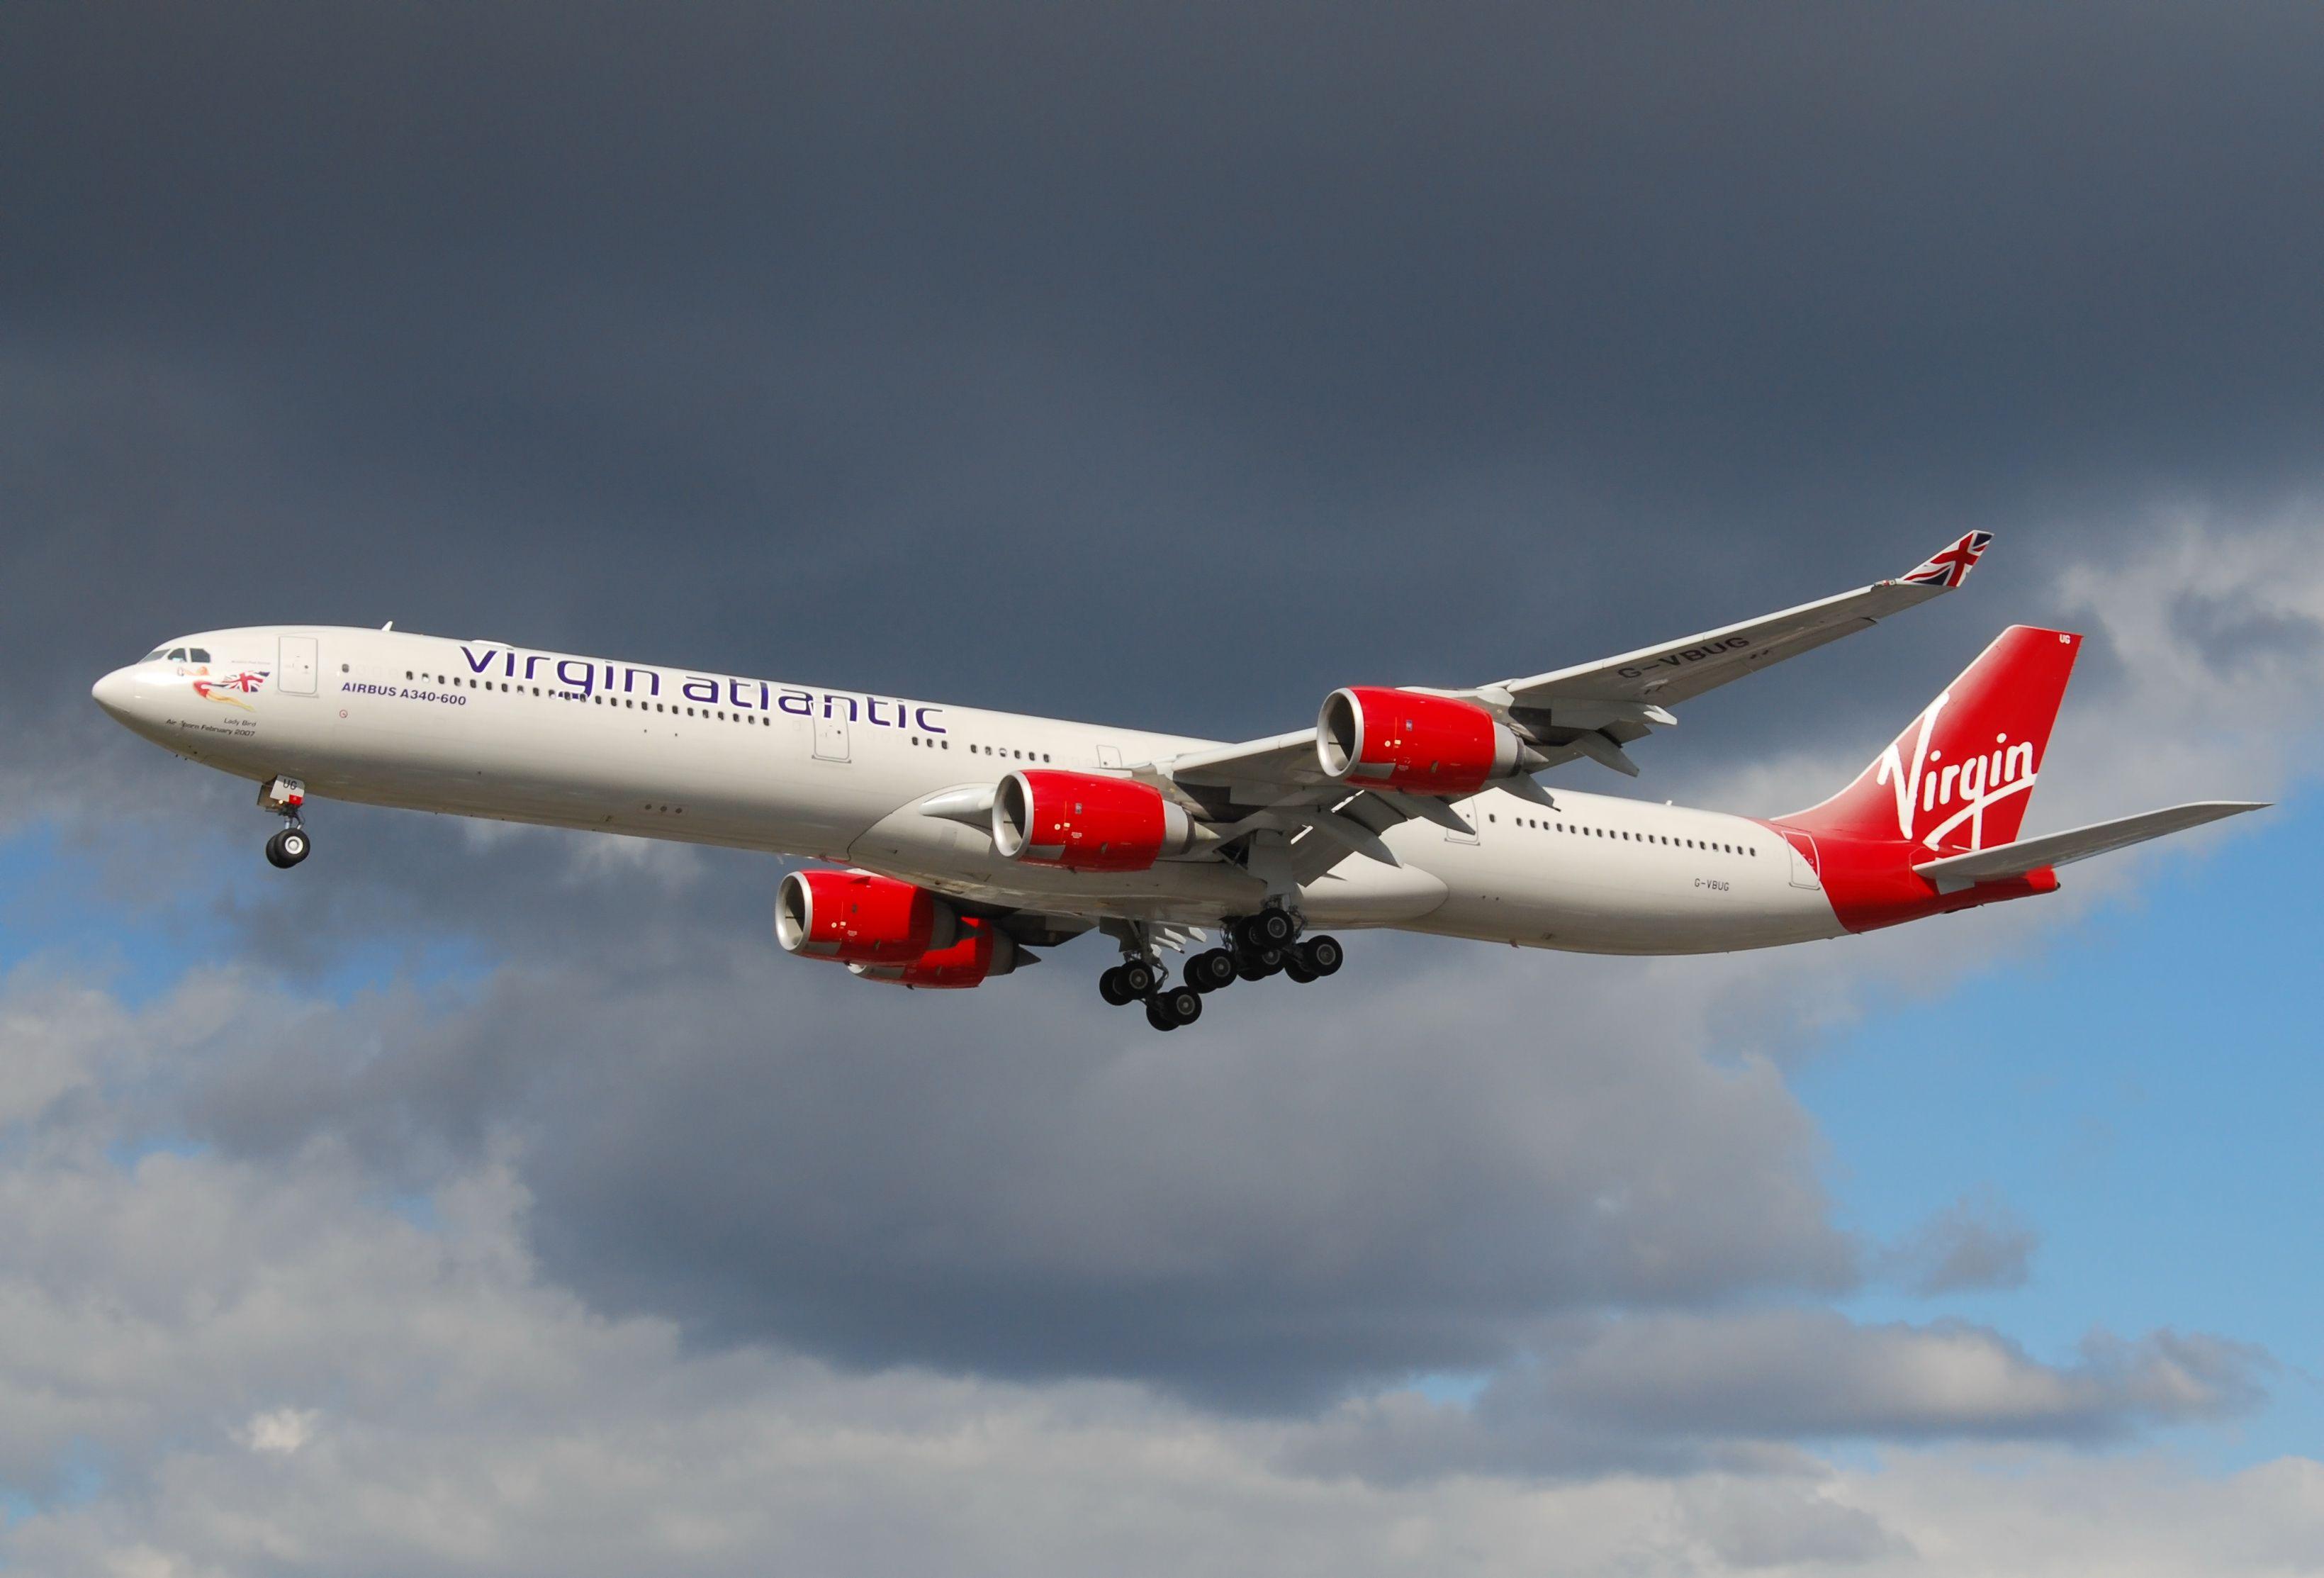 FileAirbus A340600 Virgin Atlantic Virgin atlantic